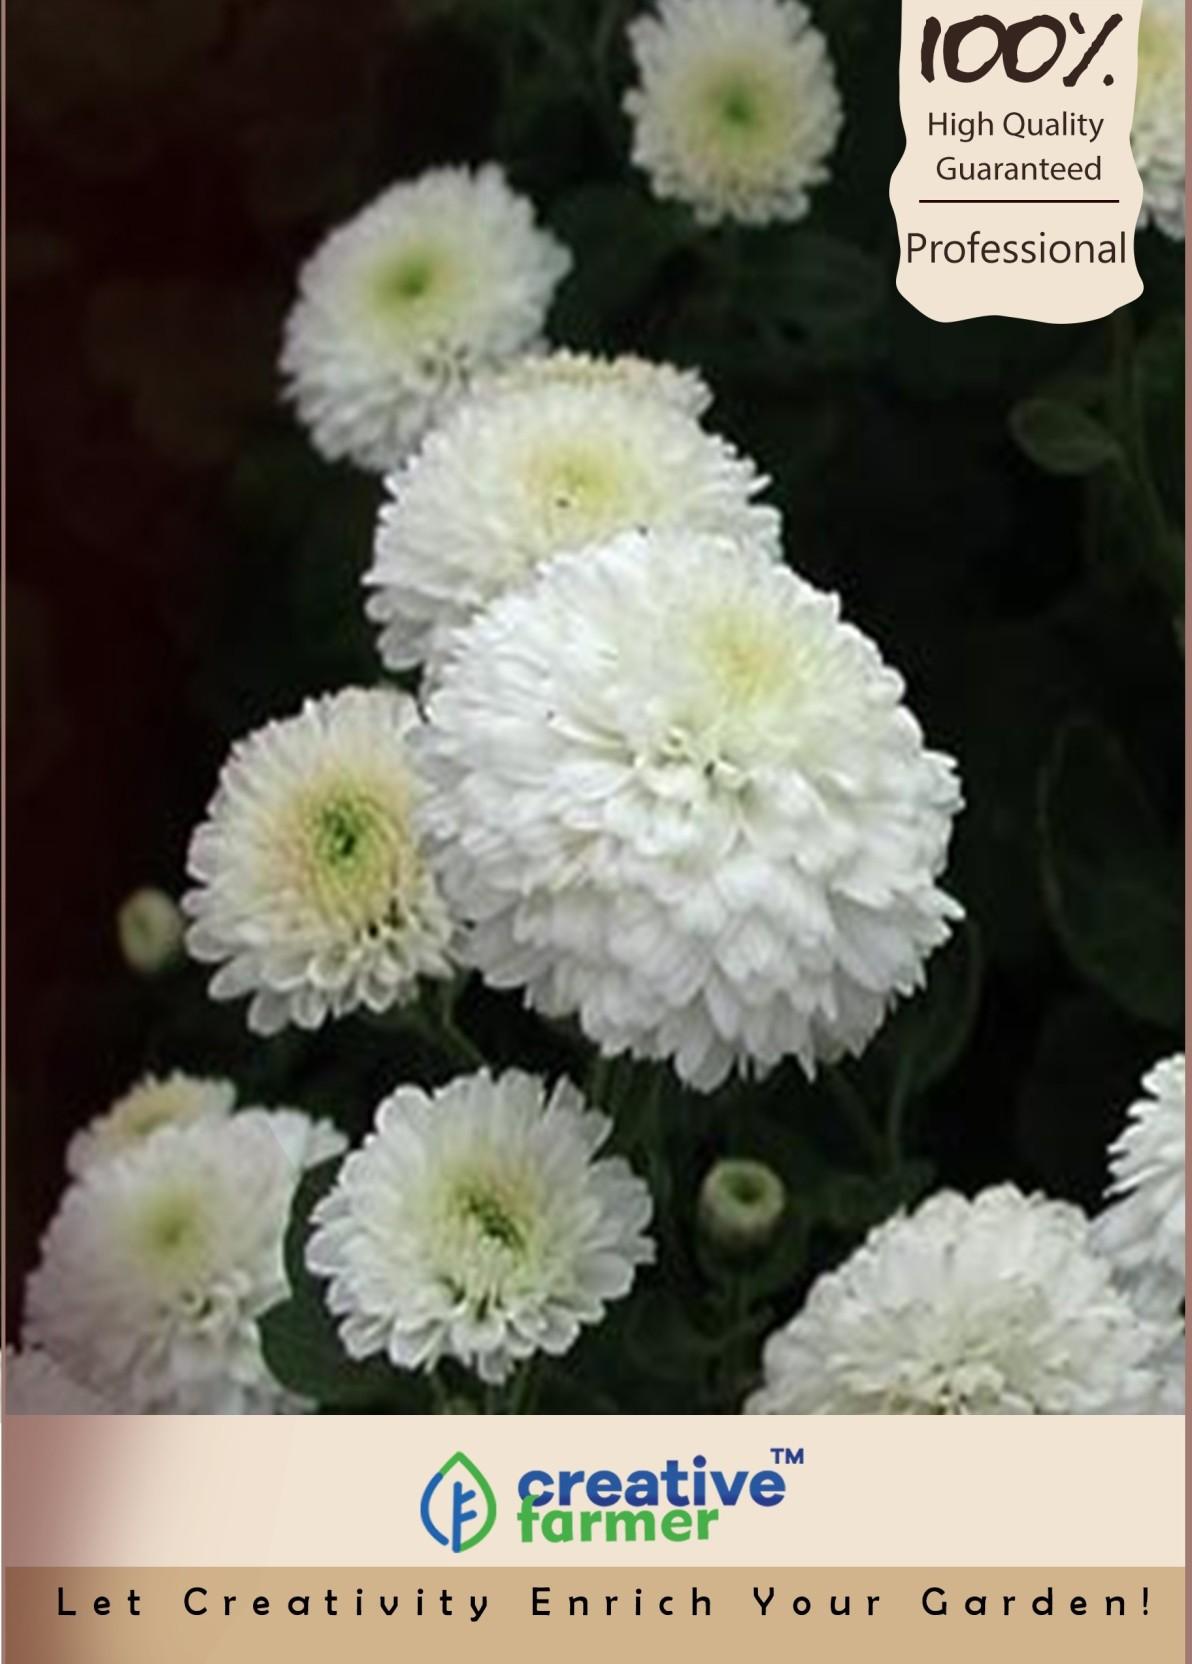 Creative Farmer Jamanthi Poovu Chrysanthemum White Seed Price In